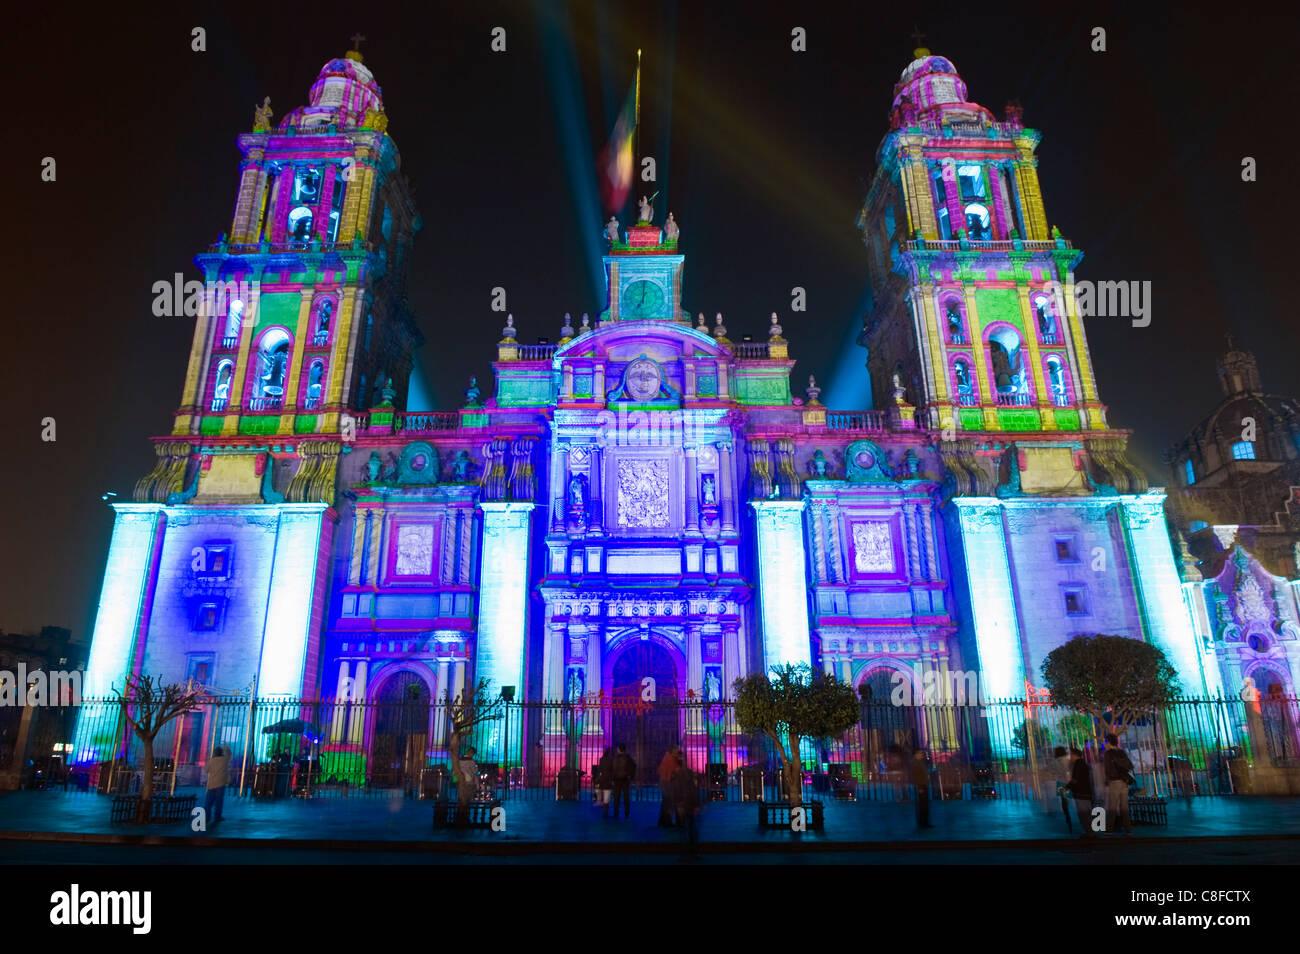 Spettacolo di Luci alla Cattedrale Metropolitana, Distretto federale di Città del Messico, Messico Immagini Stock